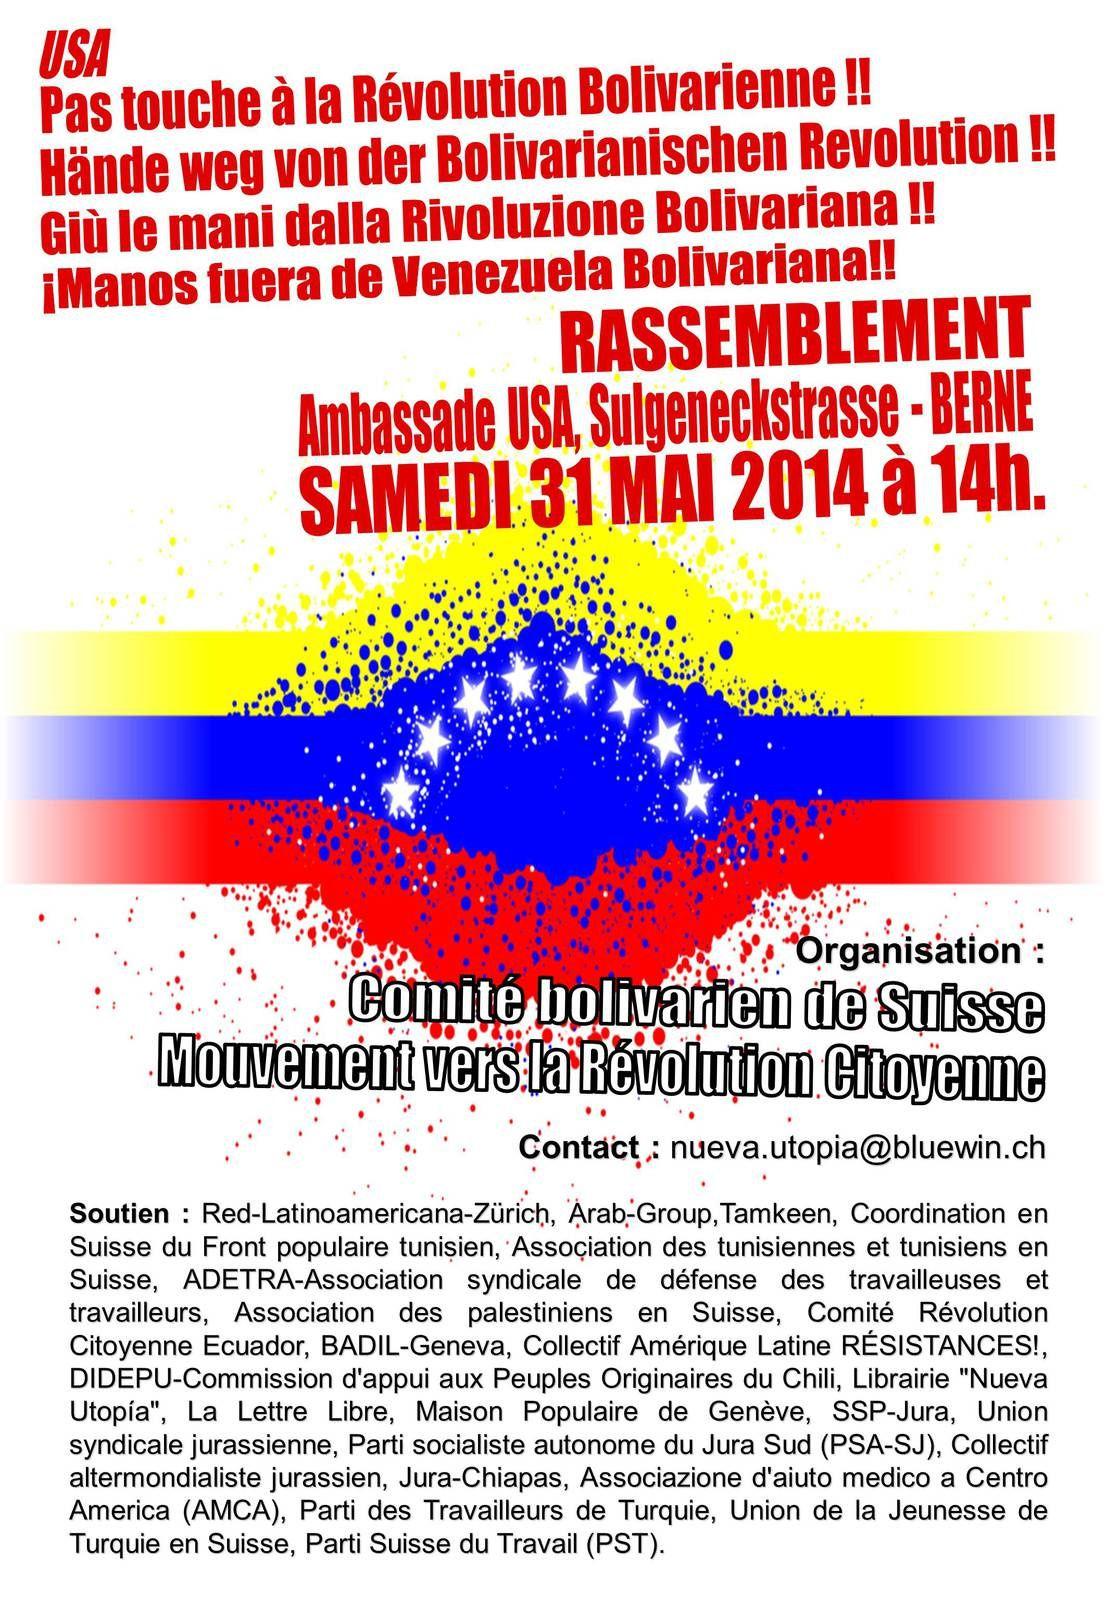 Äussern wir unsere Unterstützung zur Bolivarianischen Revolution!